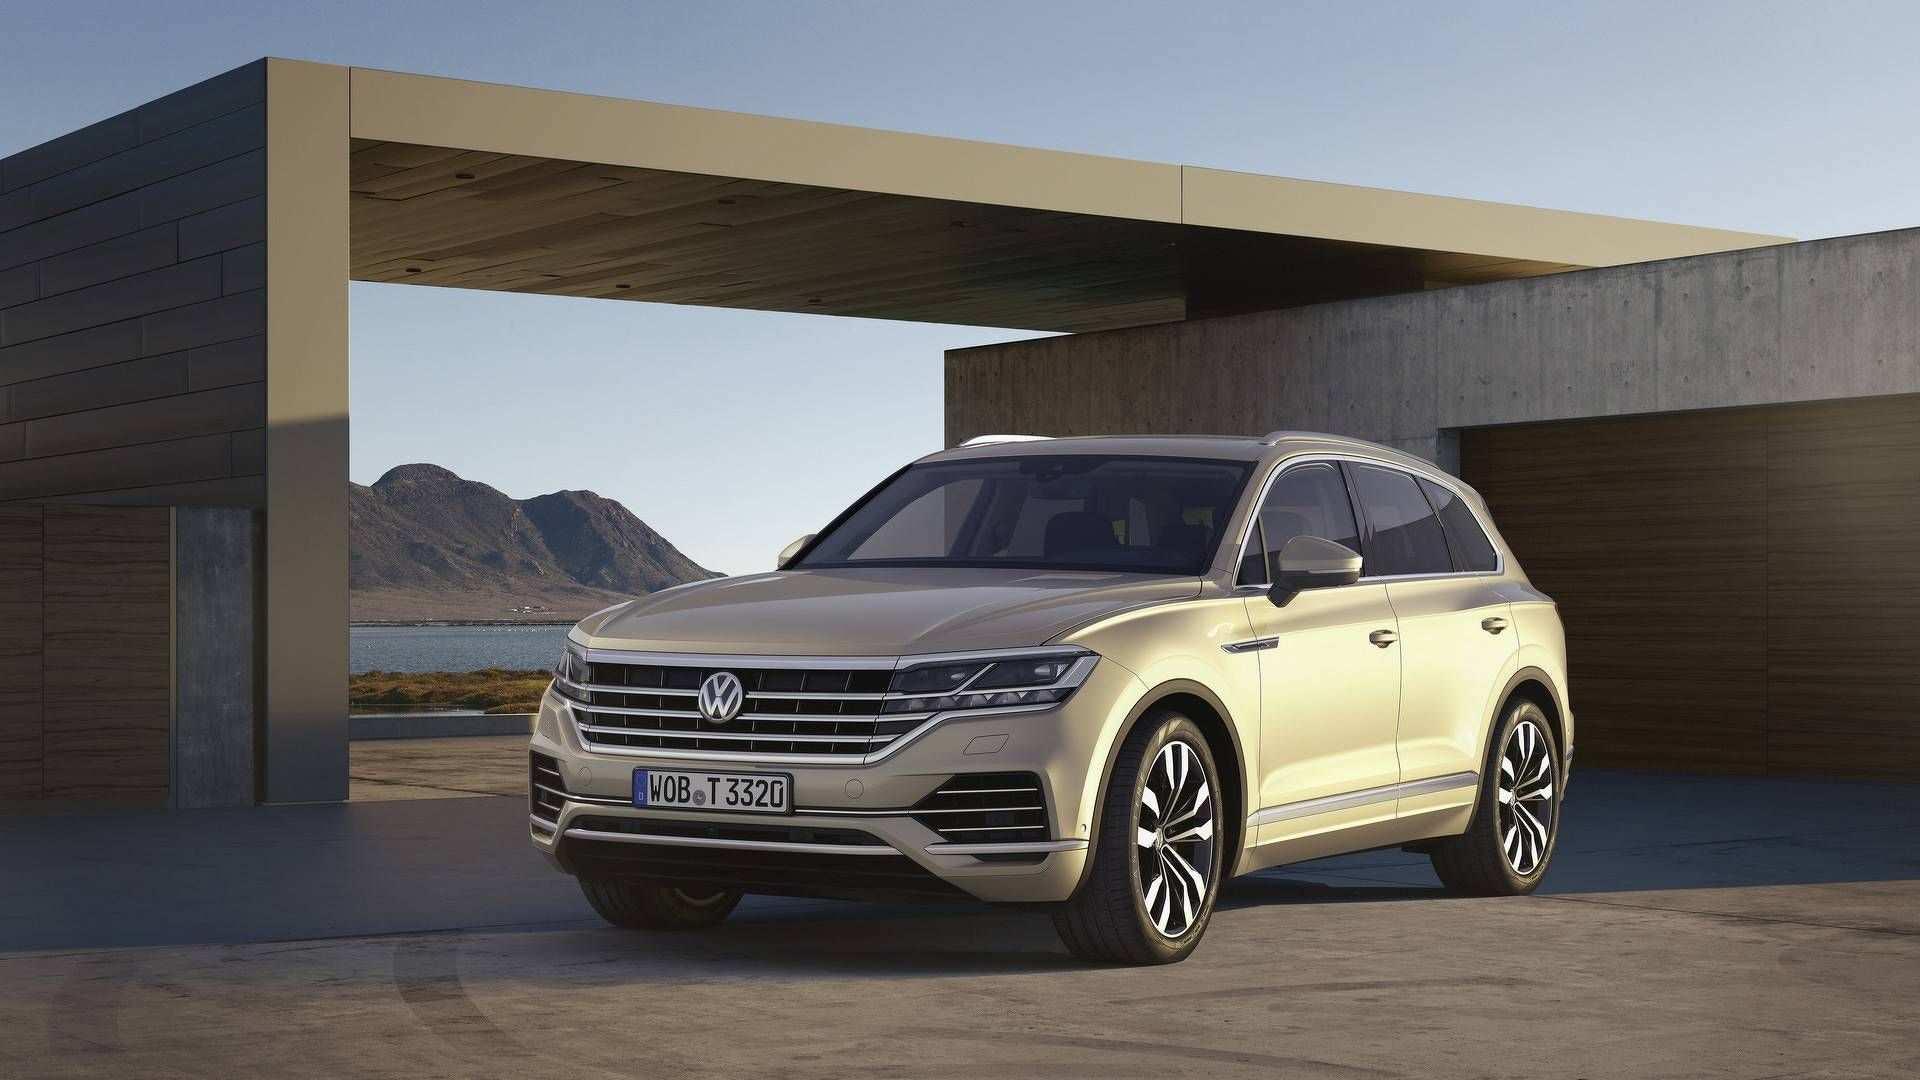 62 New VW Touareg 2020 Australia Redesign by VW Touareg 2020 Australia